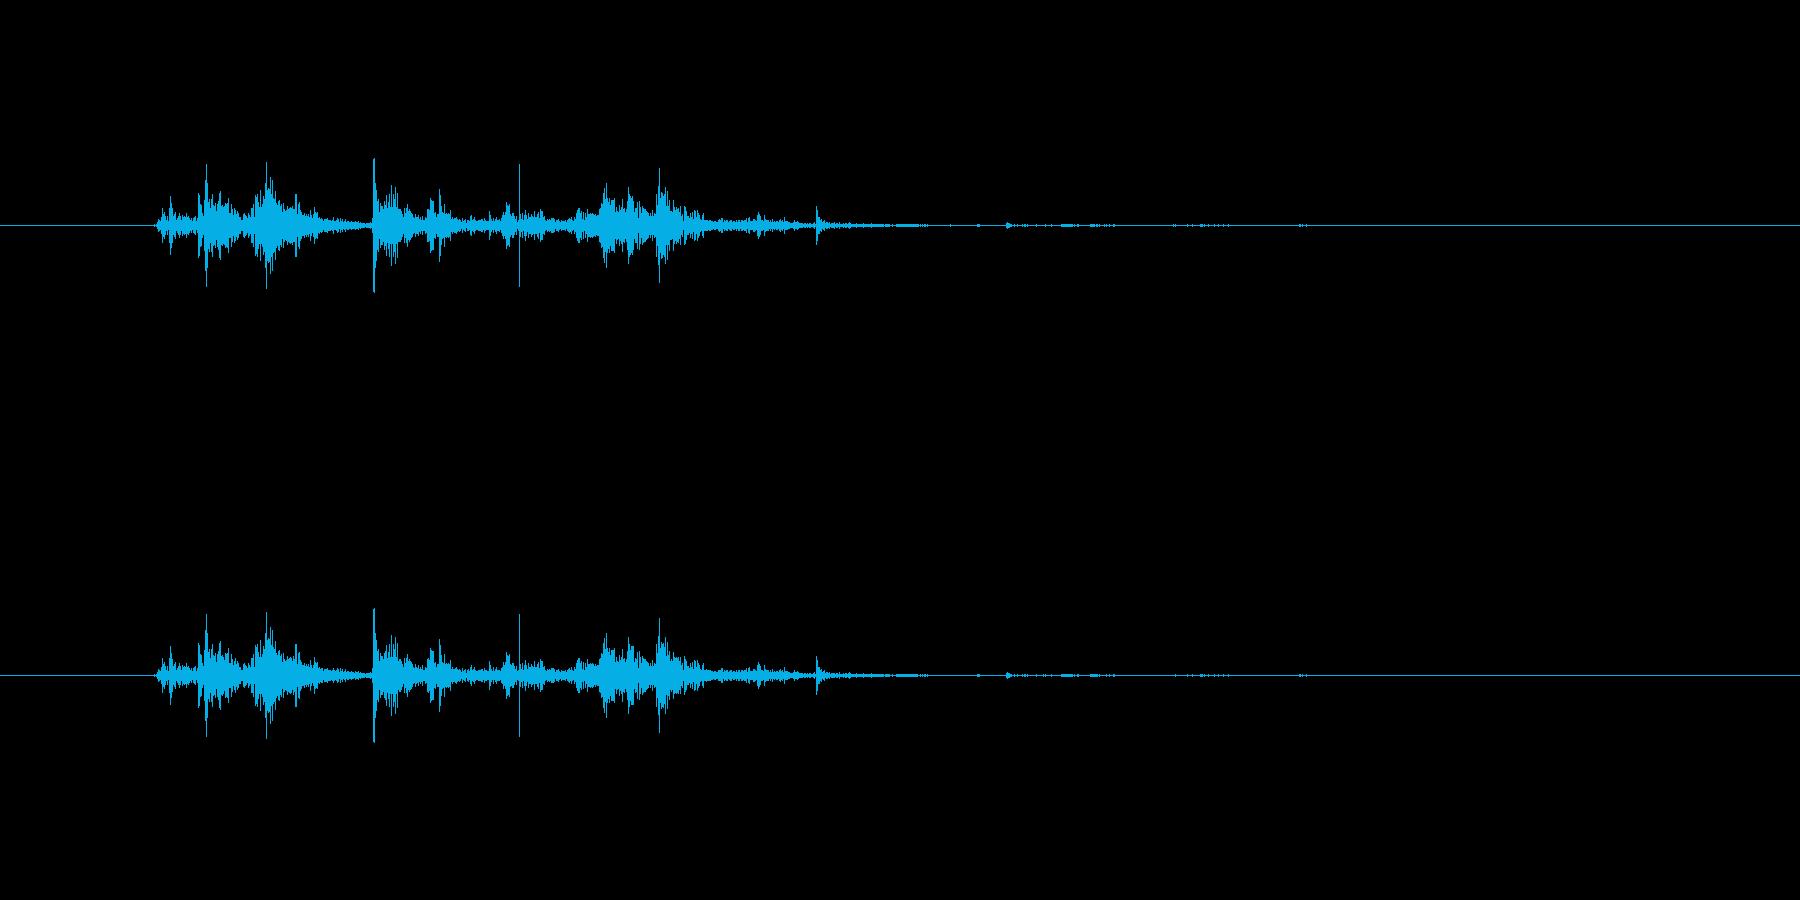 【チラシ01-2(めくる)】の再生済みの波形